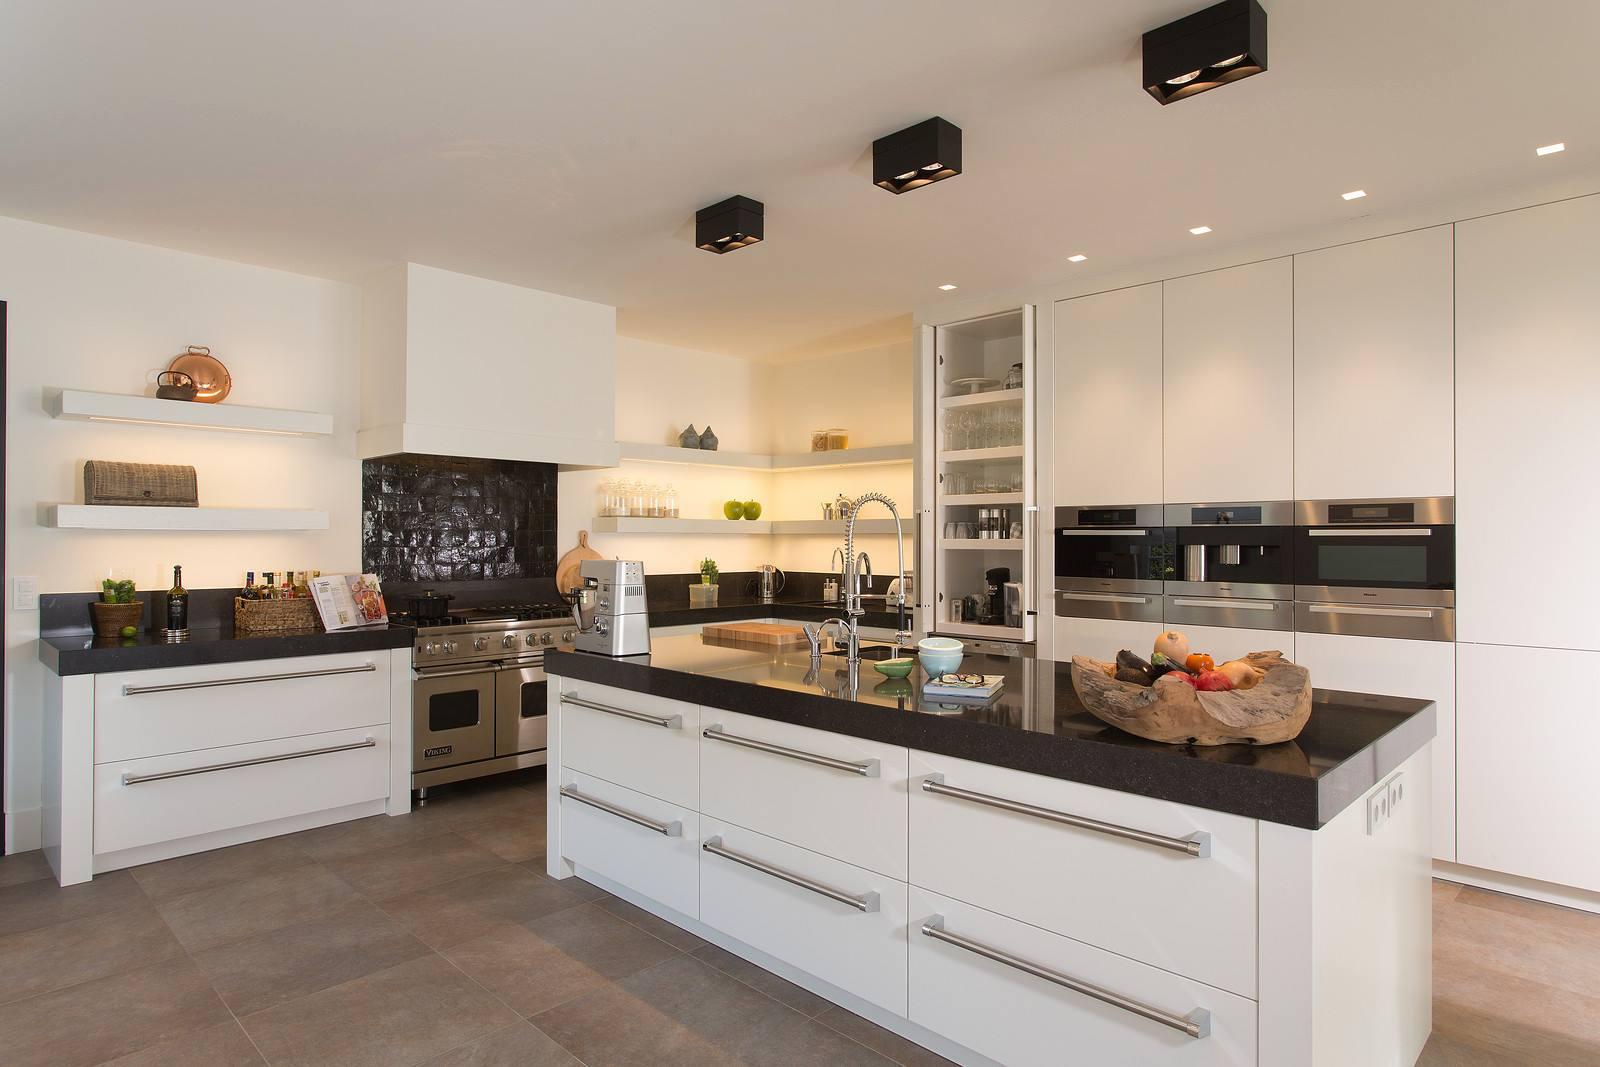 Keuken Tieleman Exclusief model Milano met extra brede keukenlades - keukentrends, inspiratie & ideeën 2016